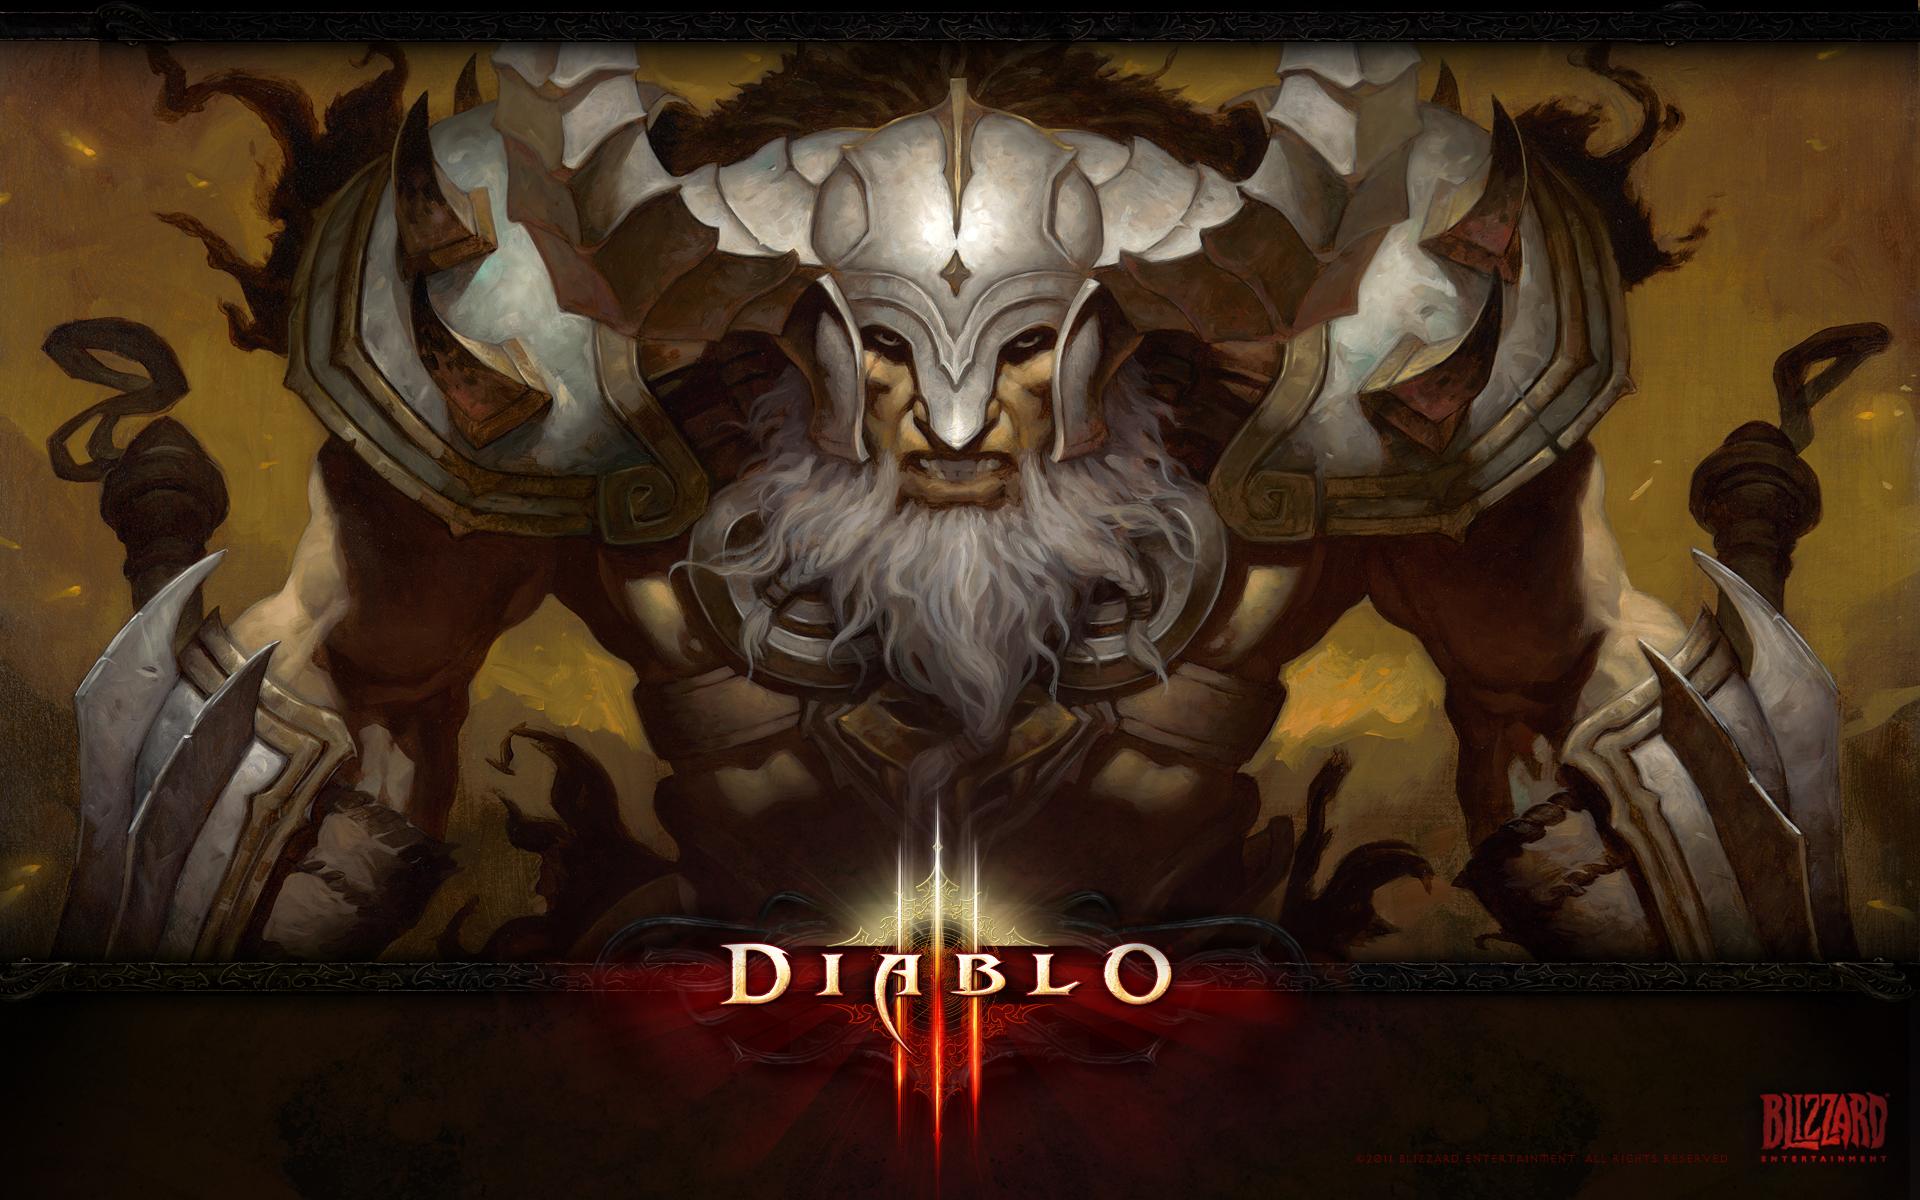 Diablo 3 Wallpaper 1680X1050 wallpaper   876861 1920x1200